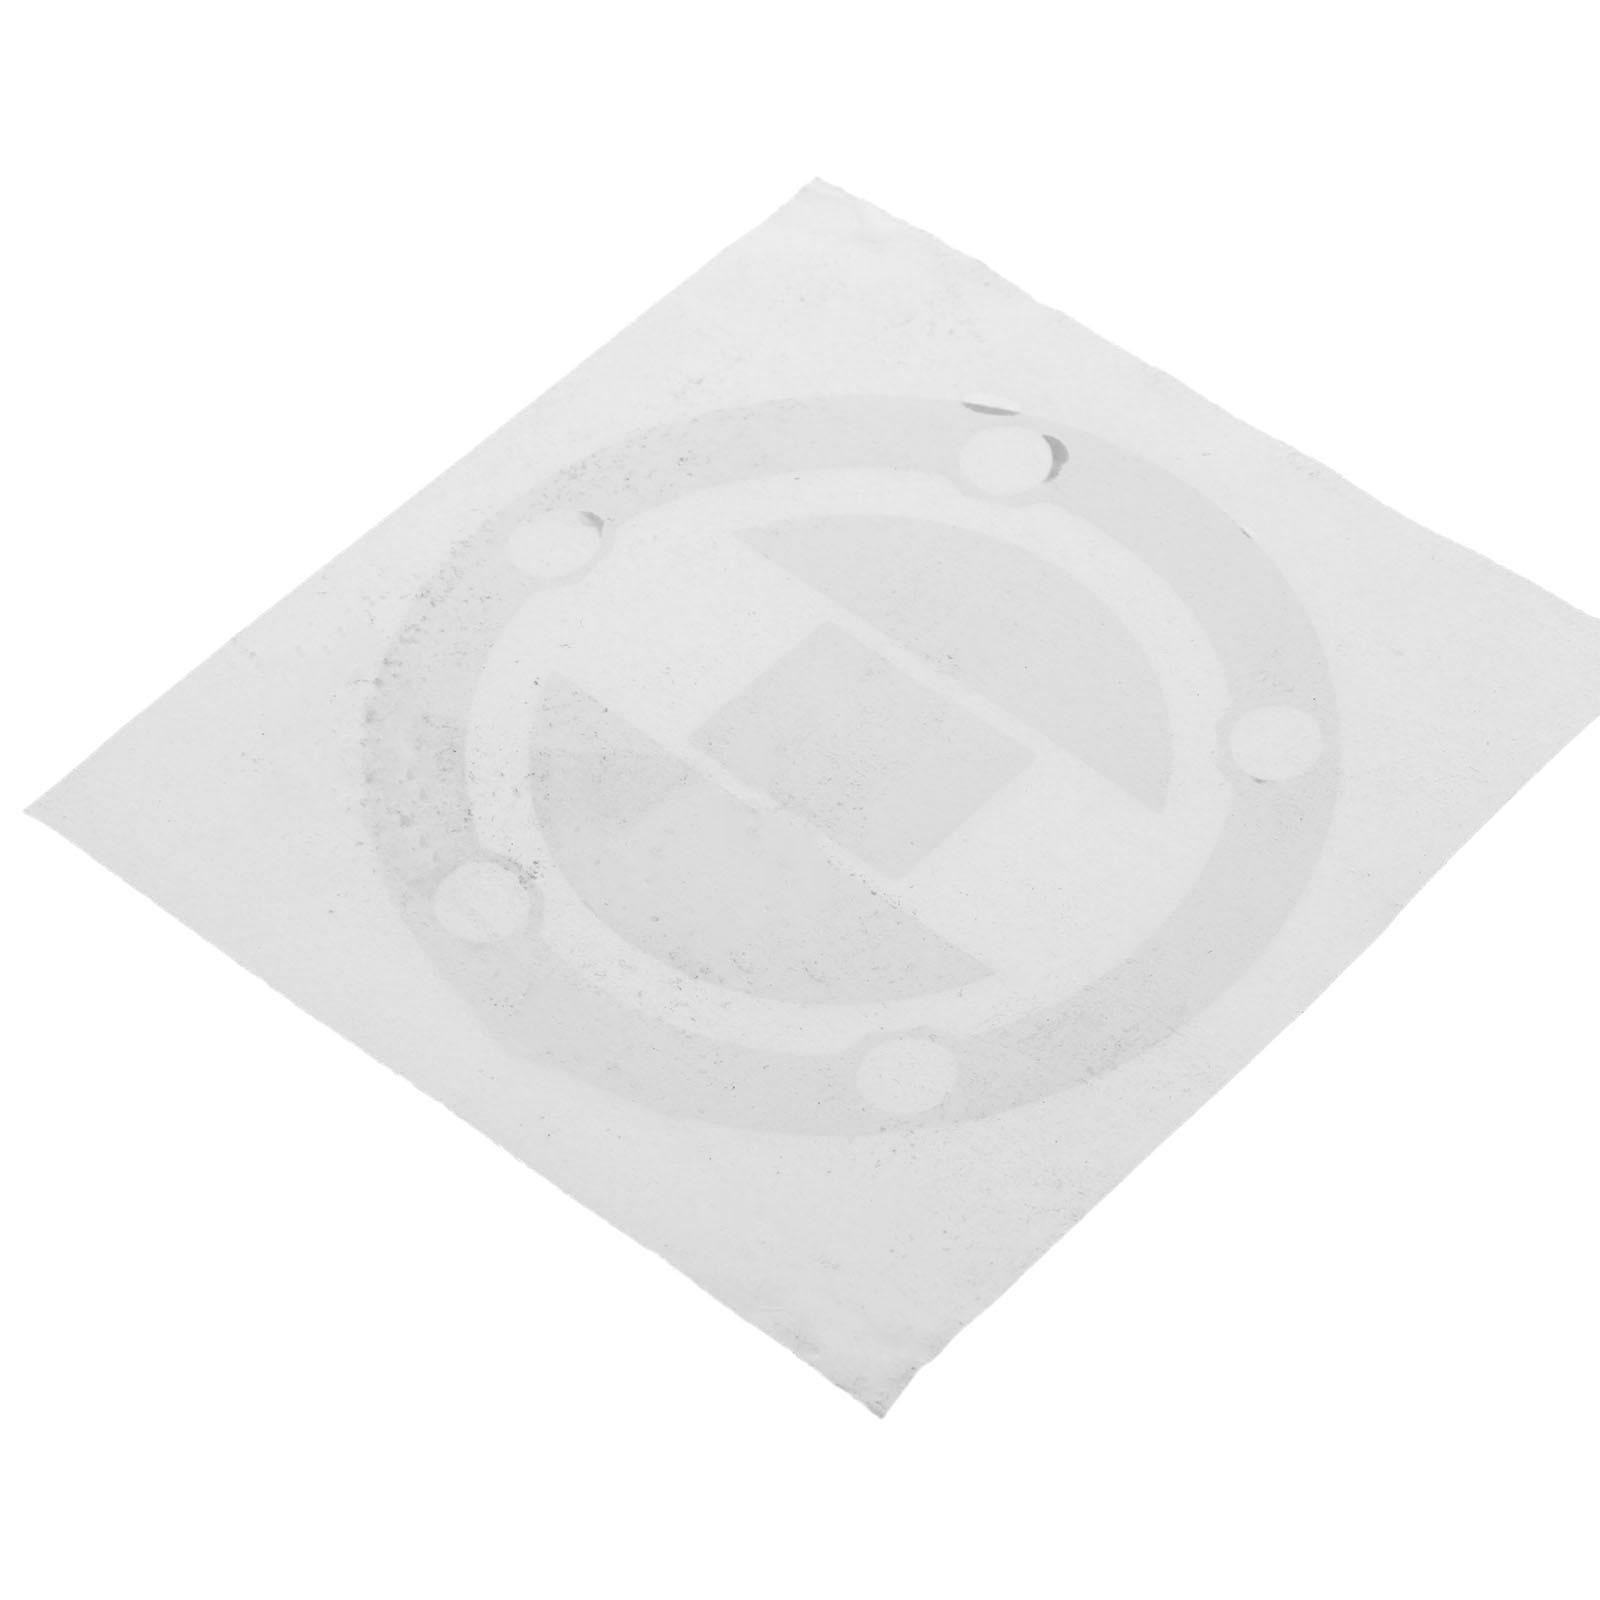 Tank Pad Protector Sticker үшін SUZUKI GSX-R750 GSXR1000 SV1000S - Мотоцикл аксессуарлары мен бөлшектер - фото 4